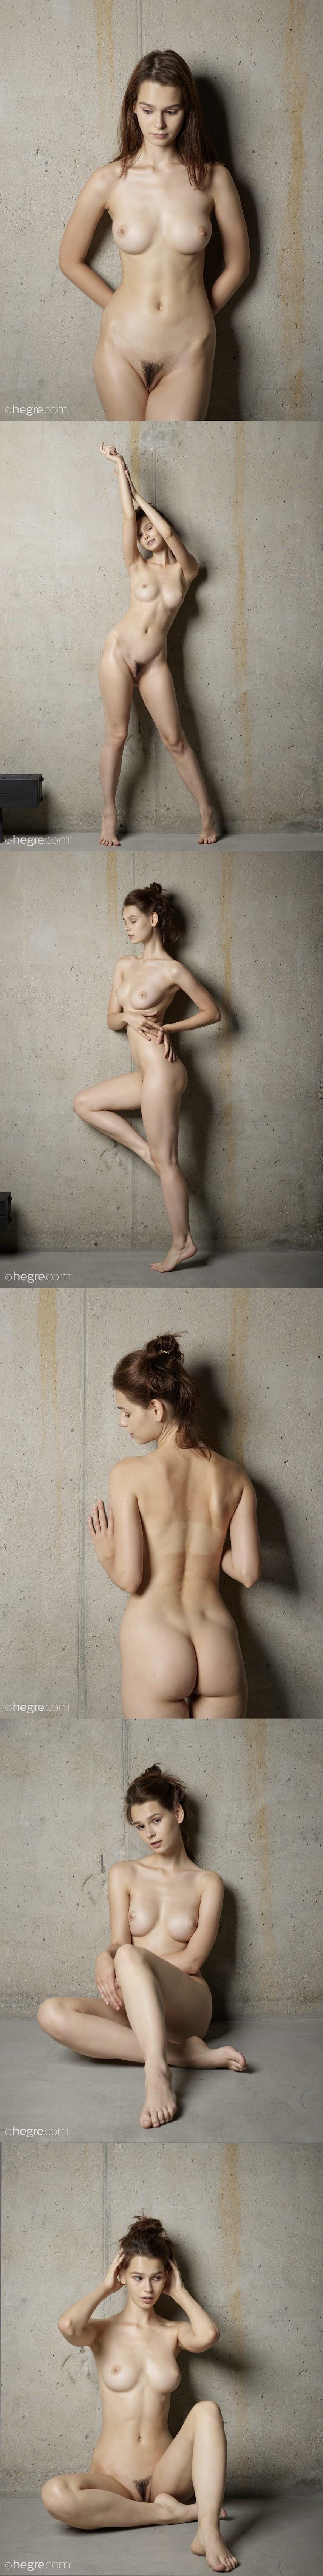 [Art] Tasha (Irina Telicheva) - Ravishing Russian